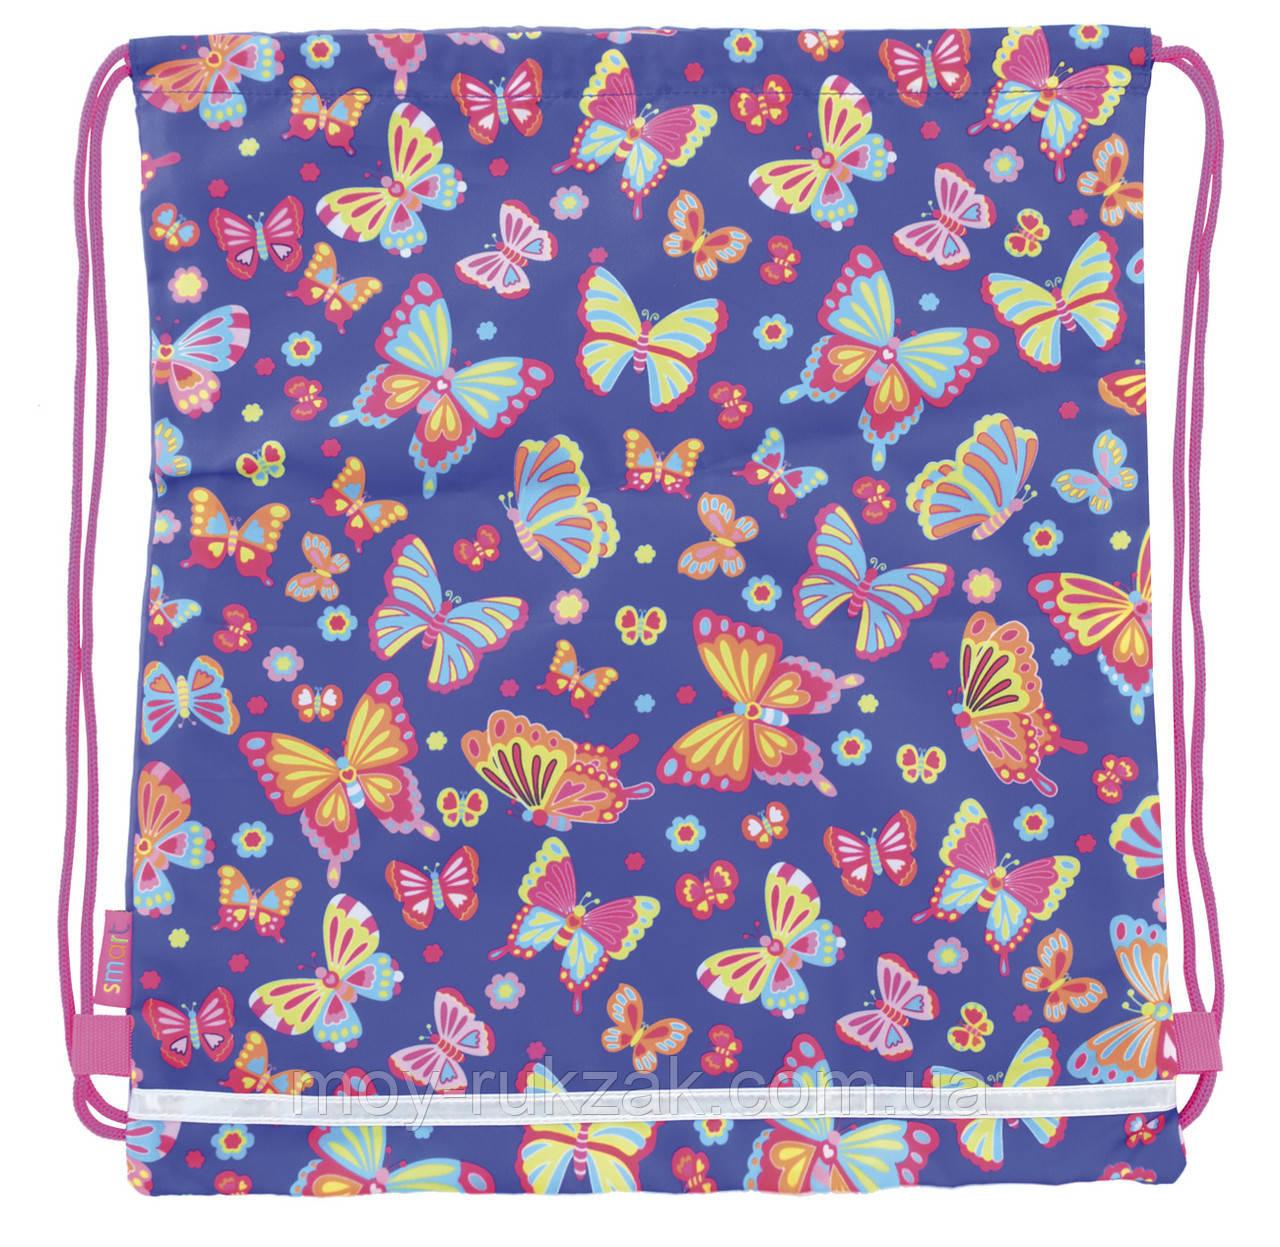 """Сумка для обуви SB-01 """"Butterfly dance"""" «1 Вересня Smart» 556104"""